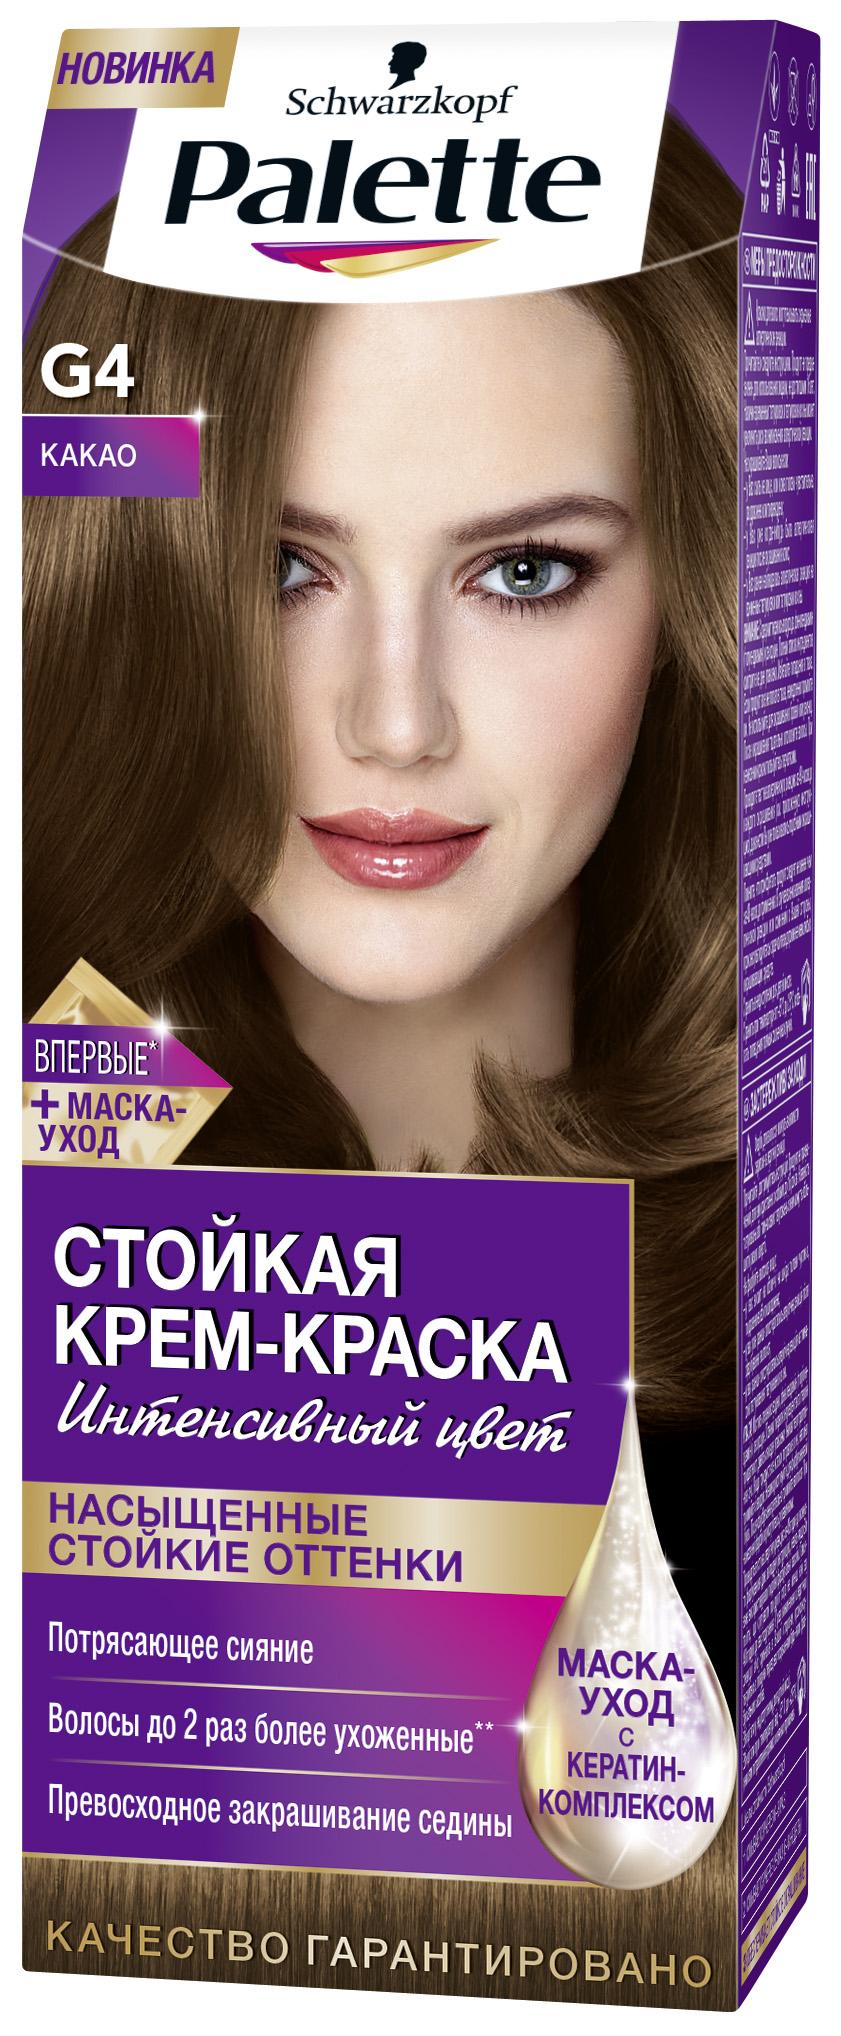 Palette Стойкая крем-краска G4 Какао 110мл093435221Знаменитая краска для волос Palette при использовании тщательно окрашивает волосы, стойко сохраняет цвет, имеет множество разнообразных оттенков на любой, самый взыскательный, вкус.